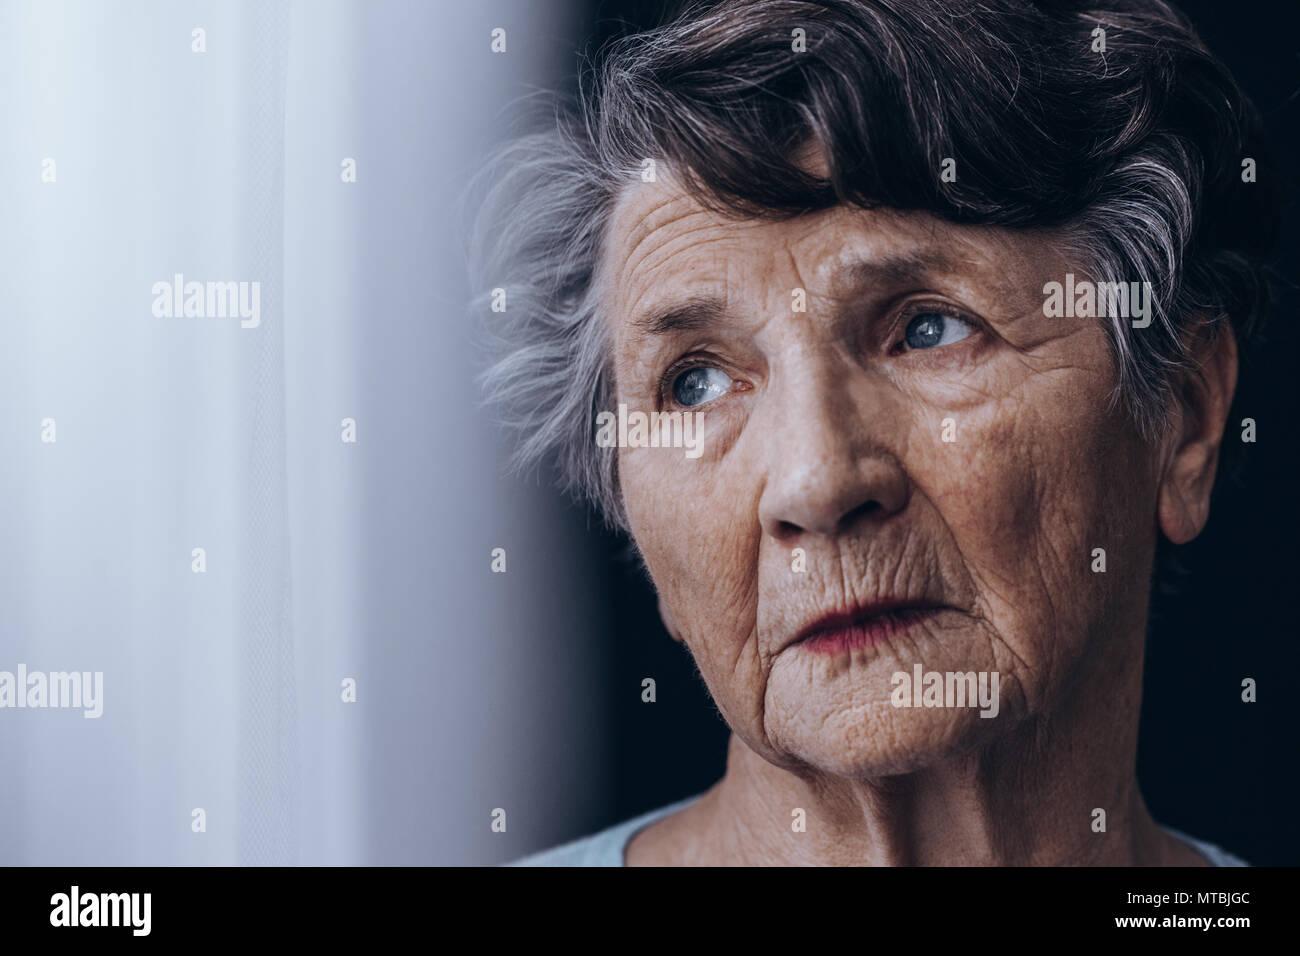 Portrait de désespoir, vieille femme debout à côté de fenêtre Photo Stock